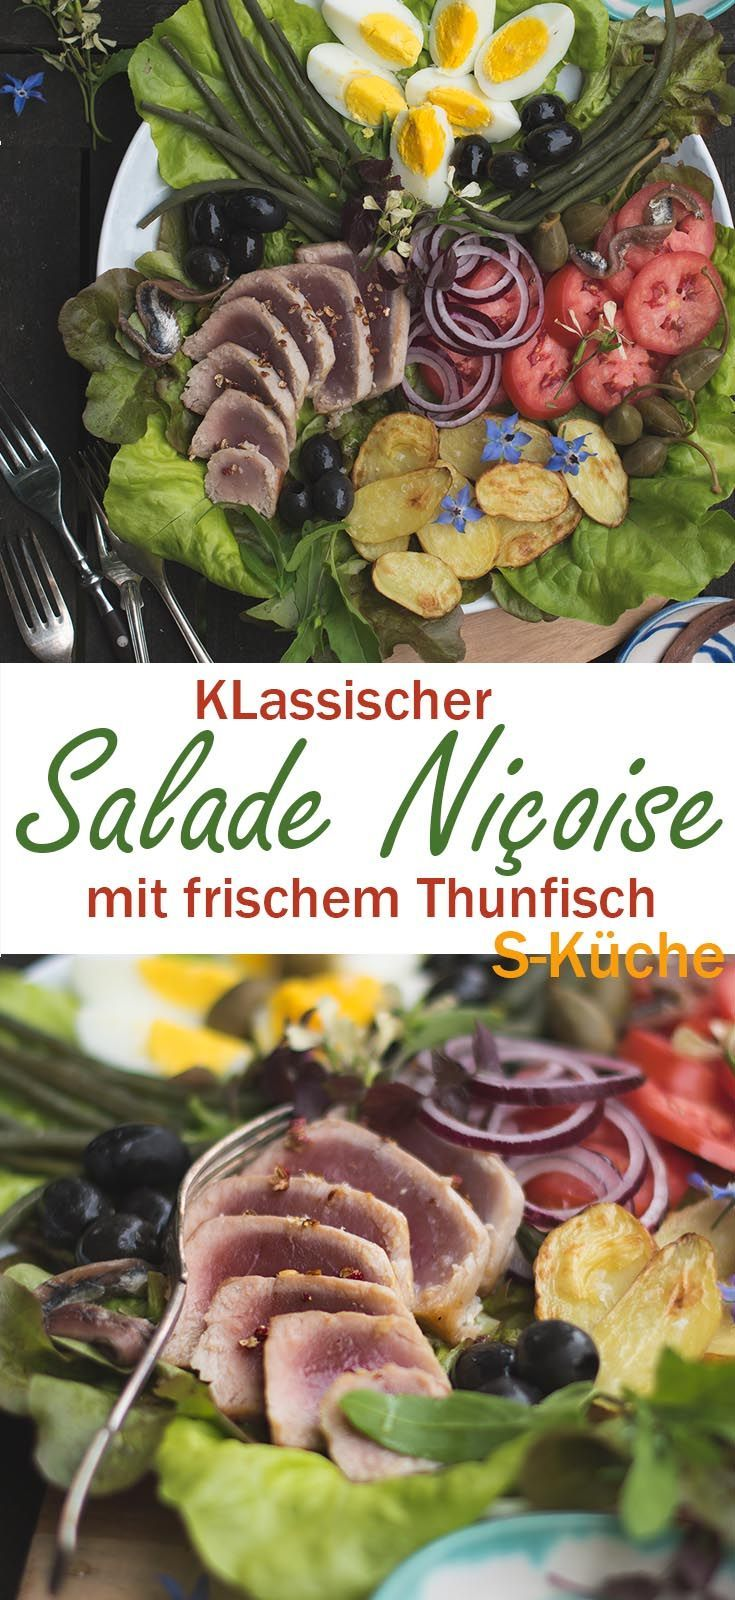 Rezept für ganz klassischen aber guten Salade Niçoise - Rosa gebratener Thunfisch und französisches Glück an einem Sommerabend.